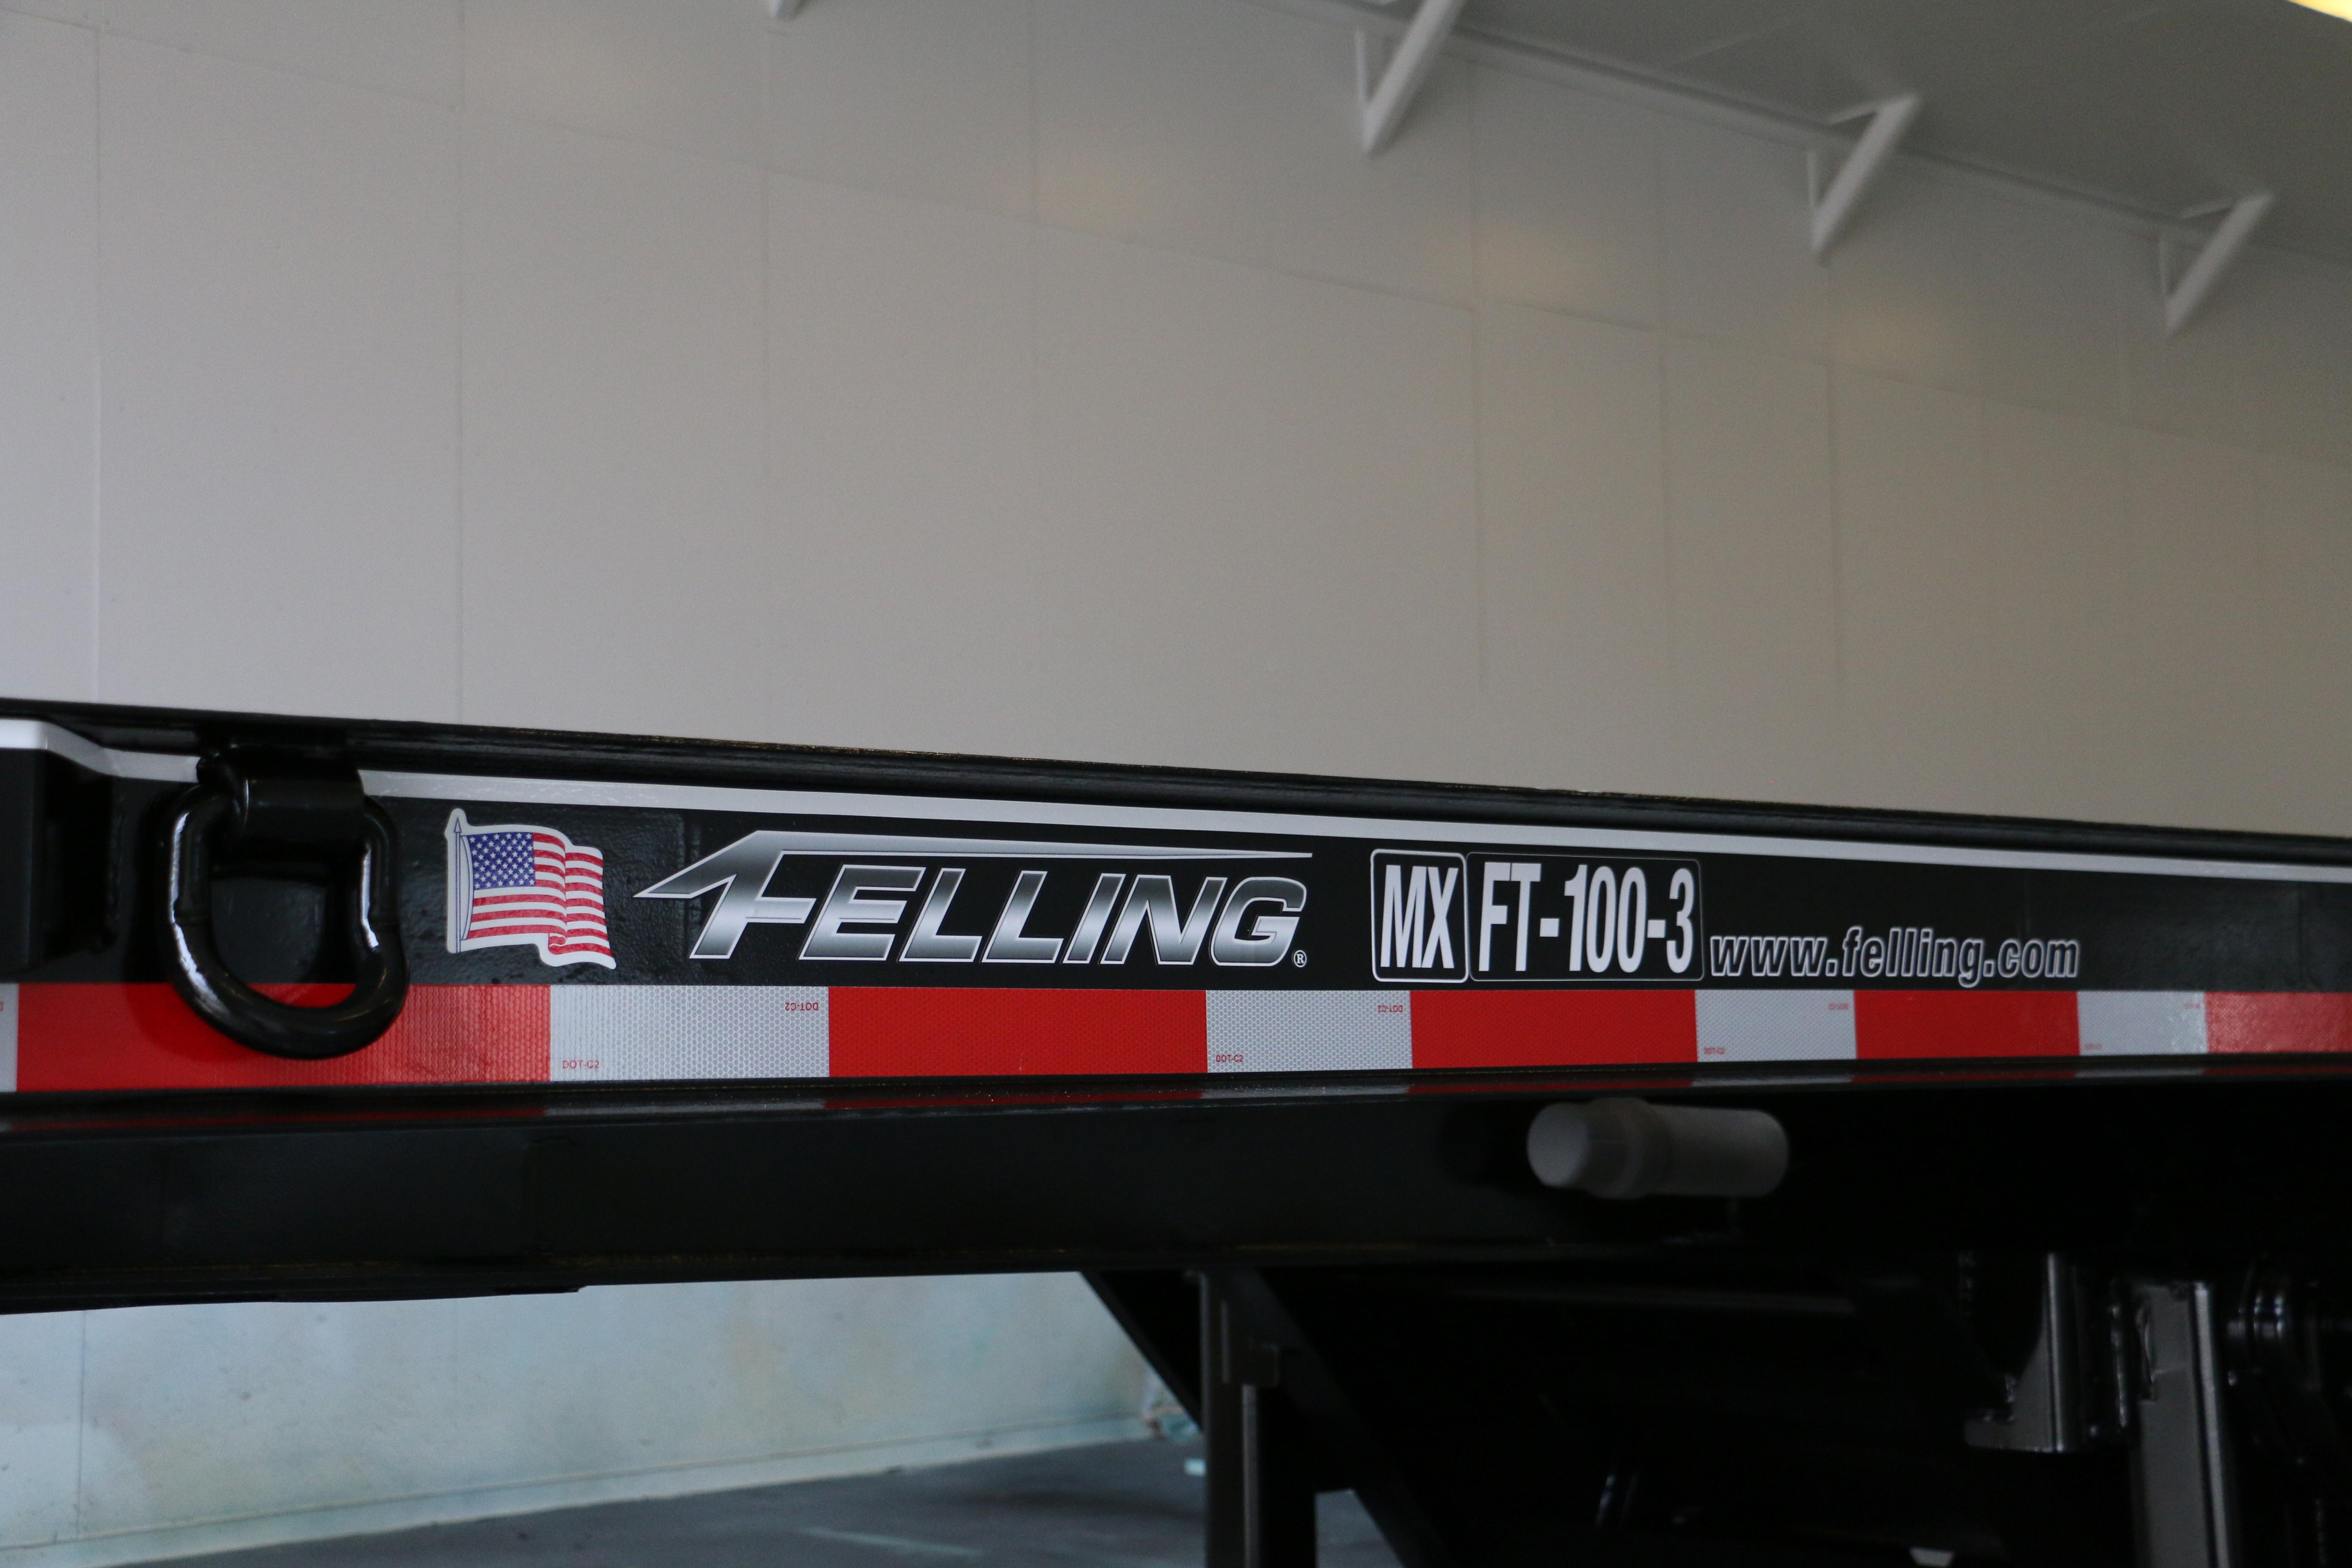 Freshly painted Felling trailer